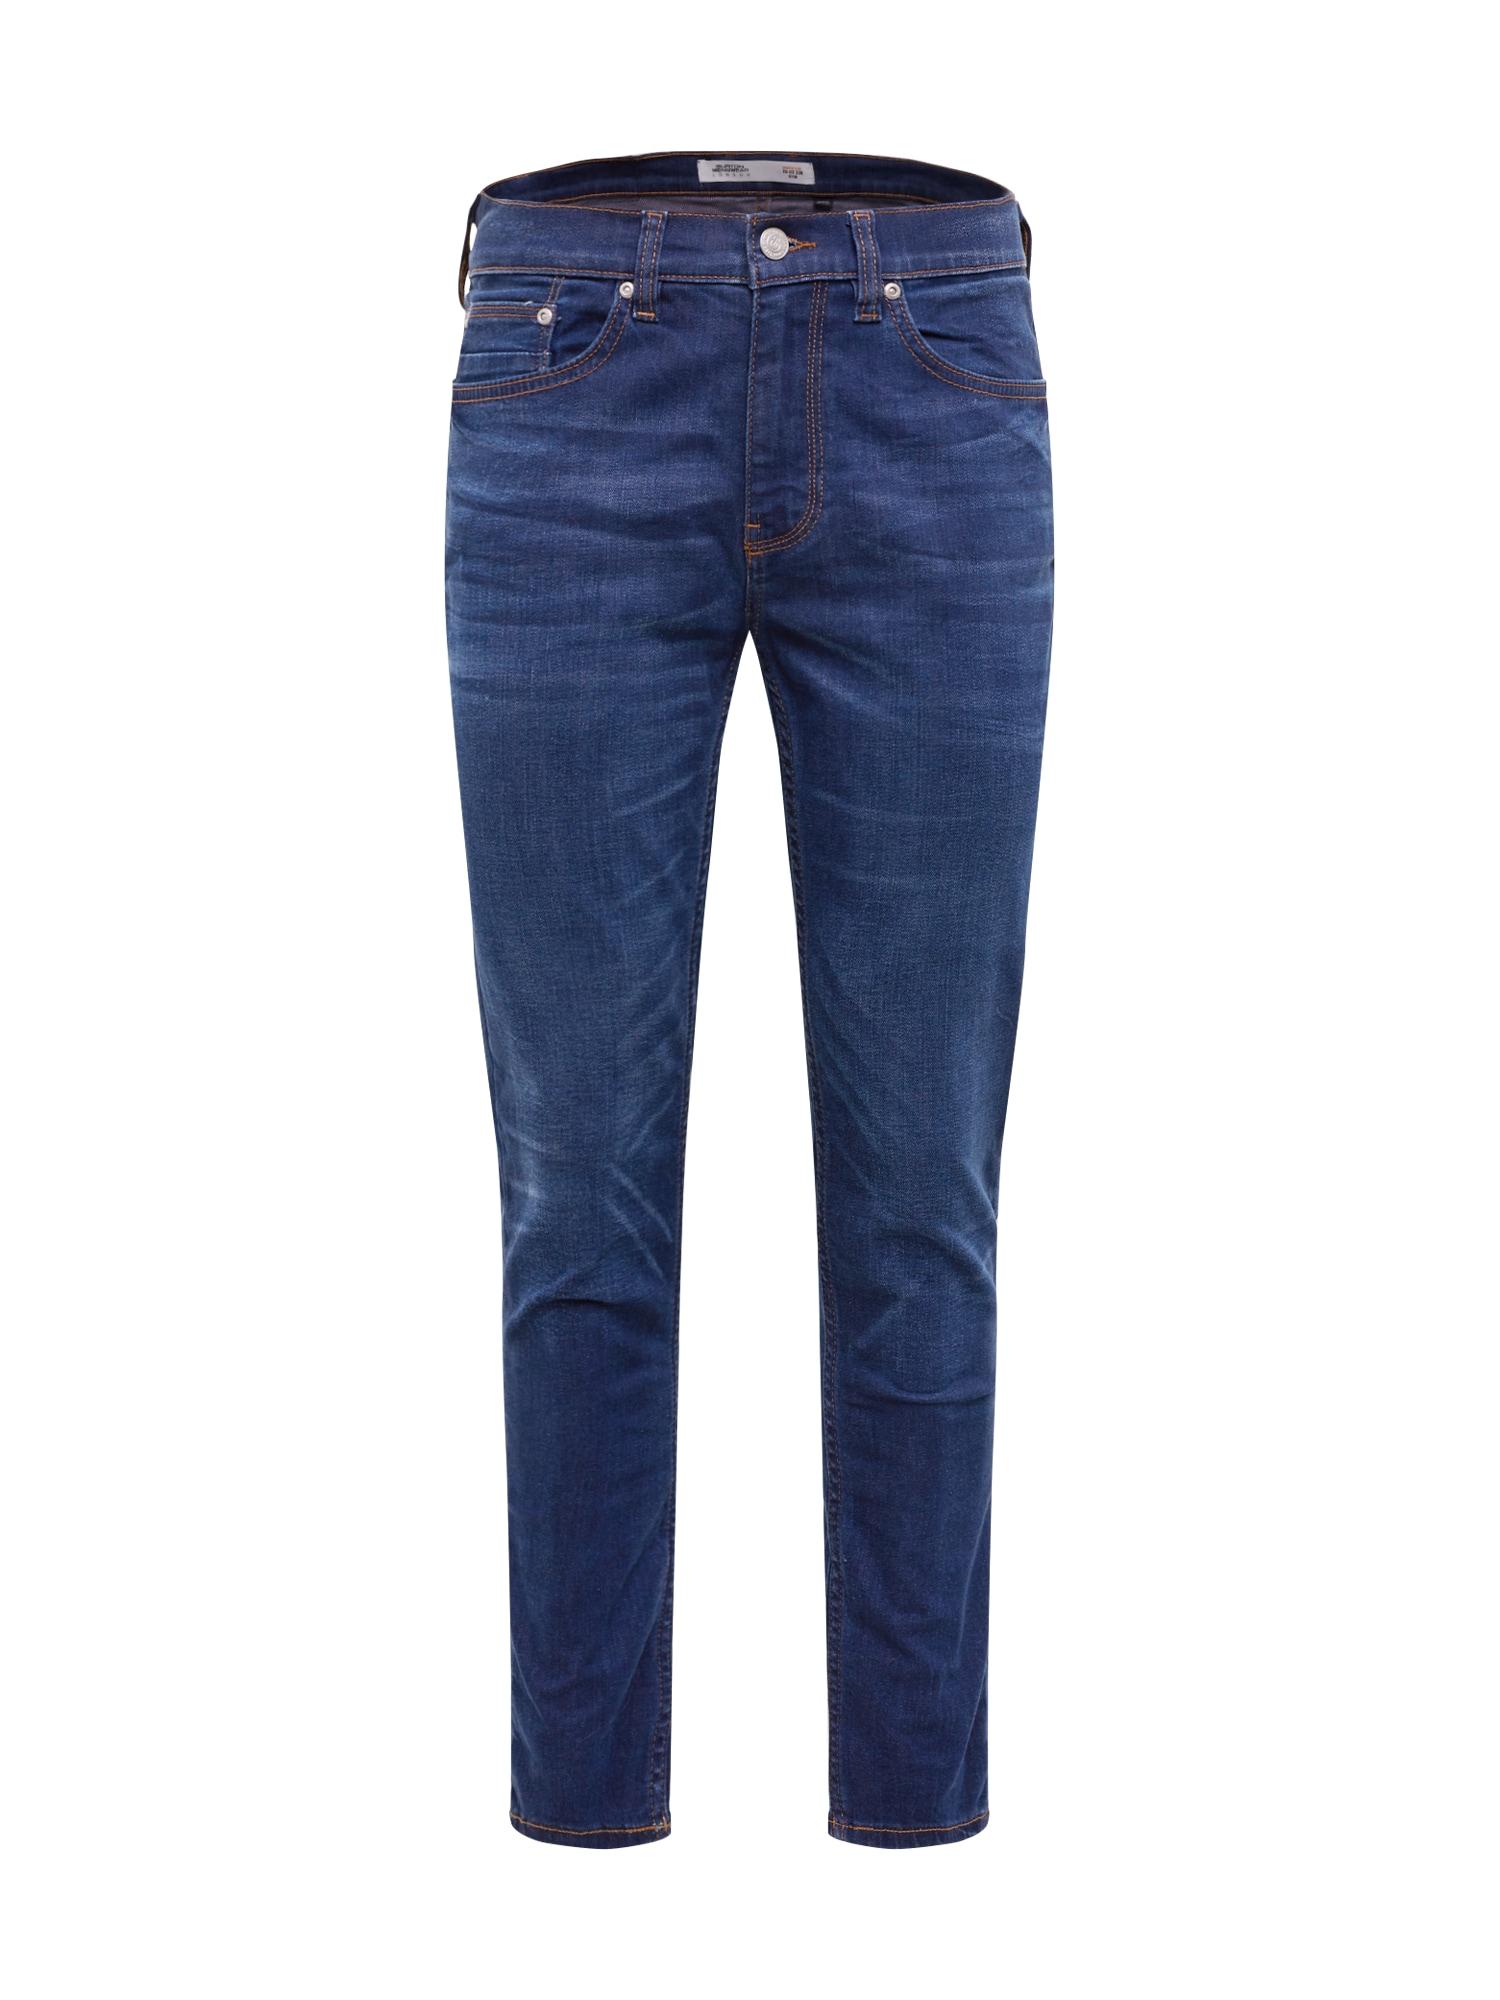 BURTON MENSWEAR LONDON Jeans  denim albastru